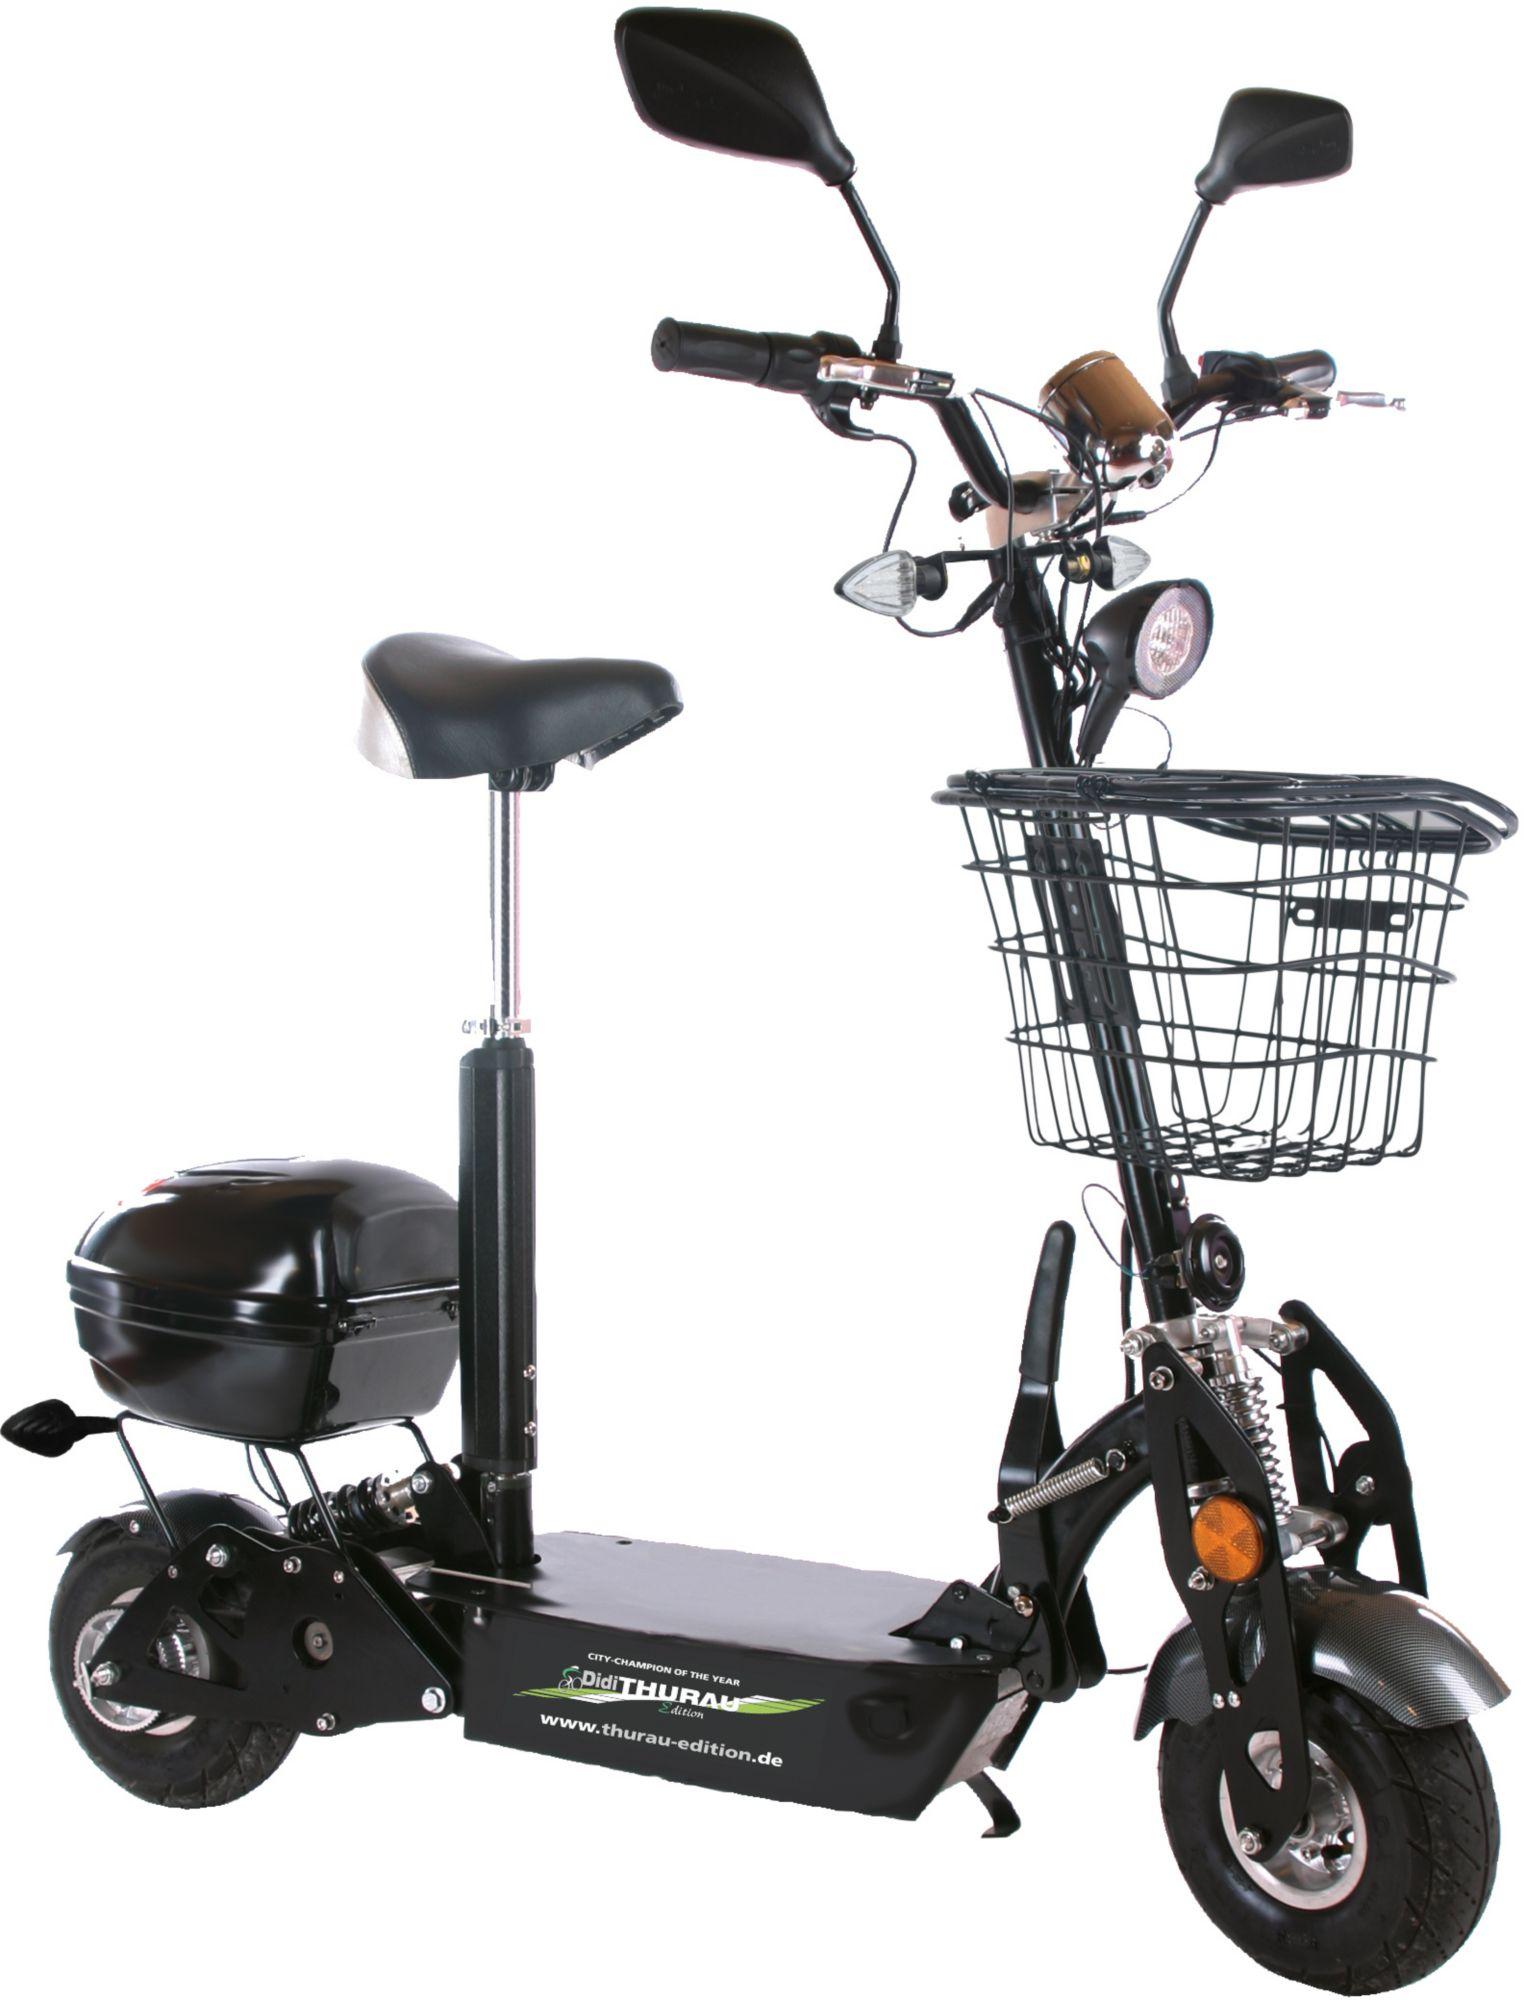 DIDI THURAU EDITION Didi Thurau Edition Elektro City Roller, 20 km/h, »Safety«